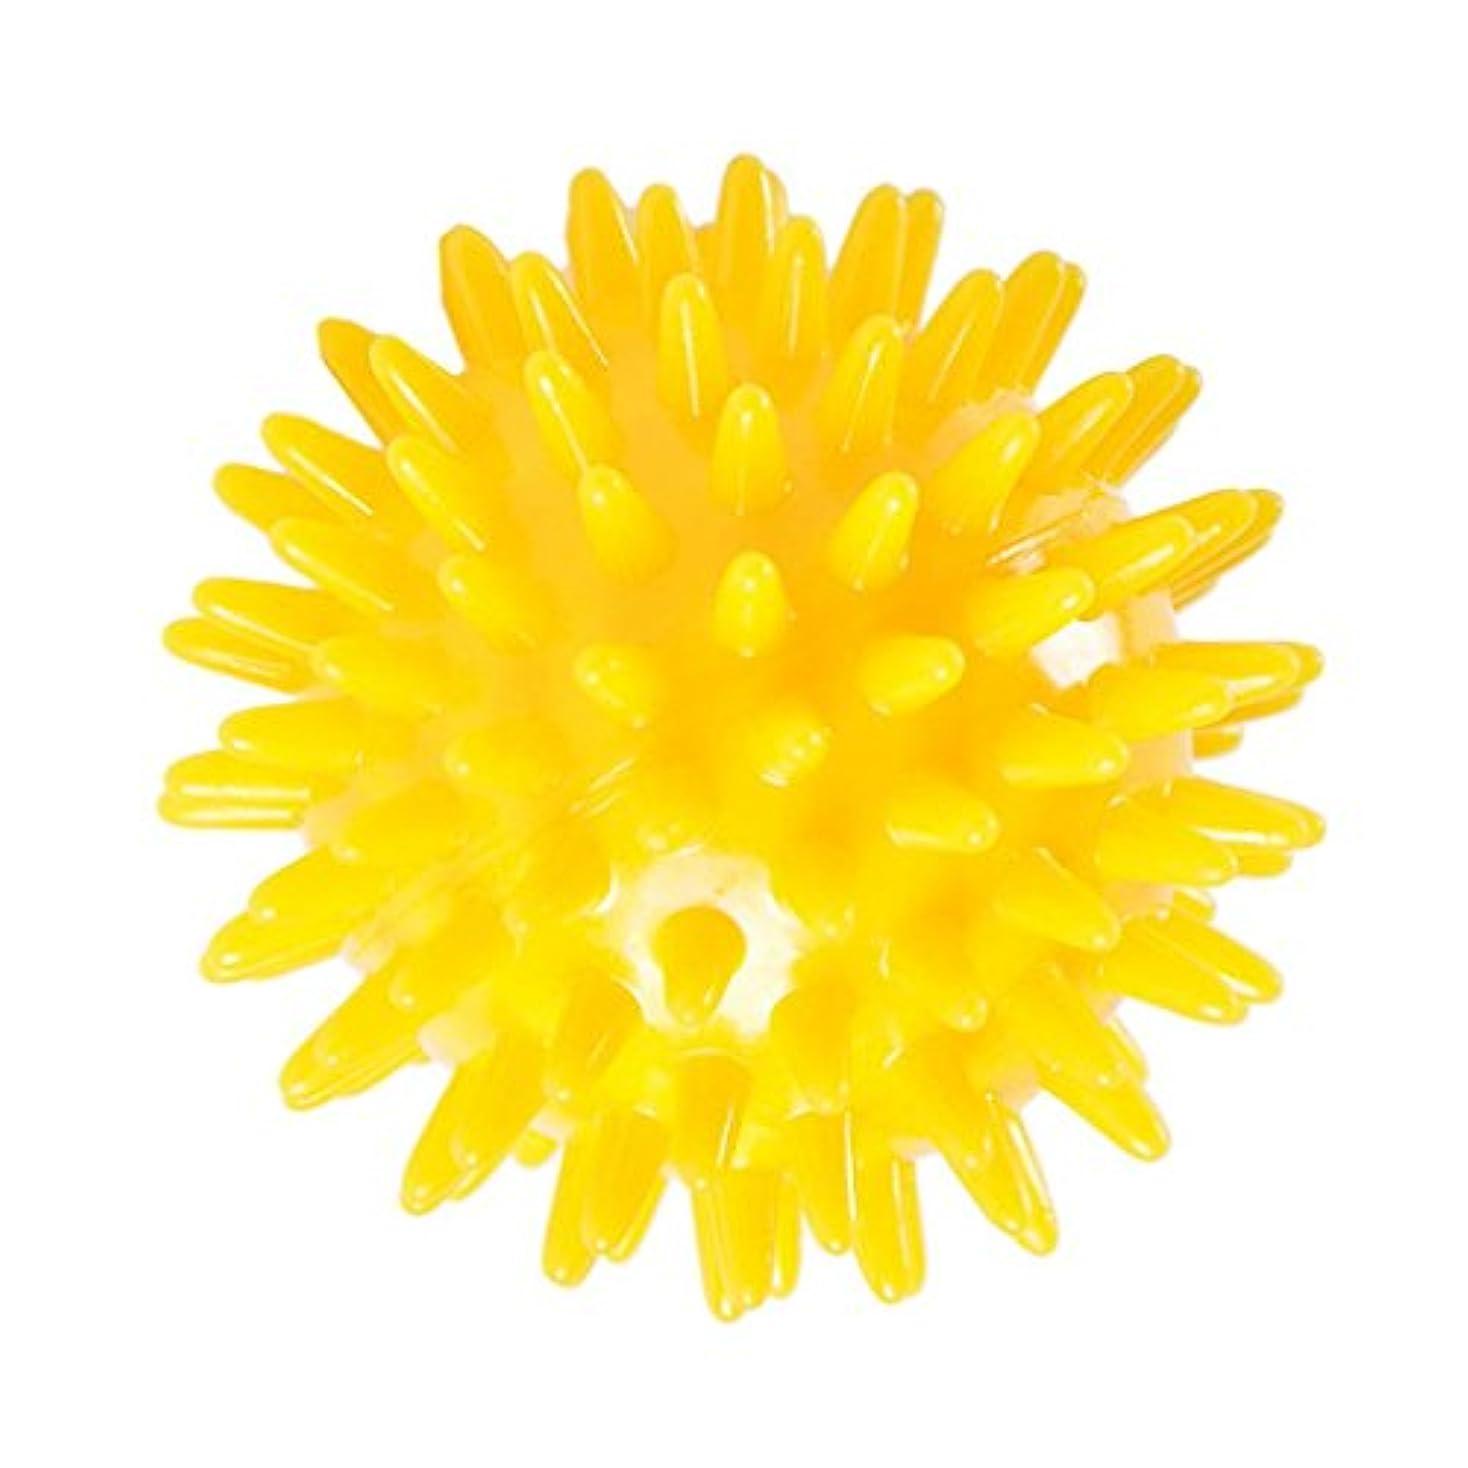 明らか落とし穴偽装するKesoto マッサージボール スパイクマッサージボール トリガーポイントリリース ハンドエクササイズ ストレスリリーフ 3サイズ選べる - 6cm